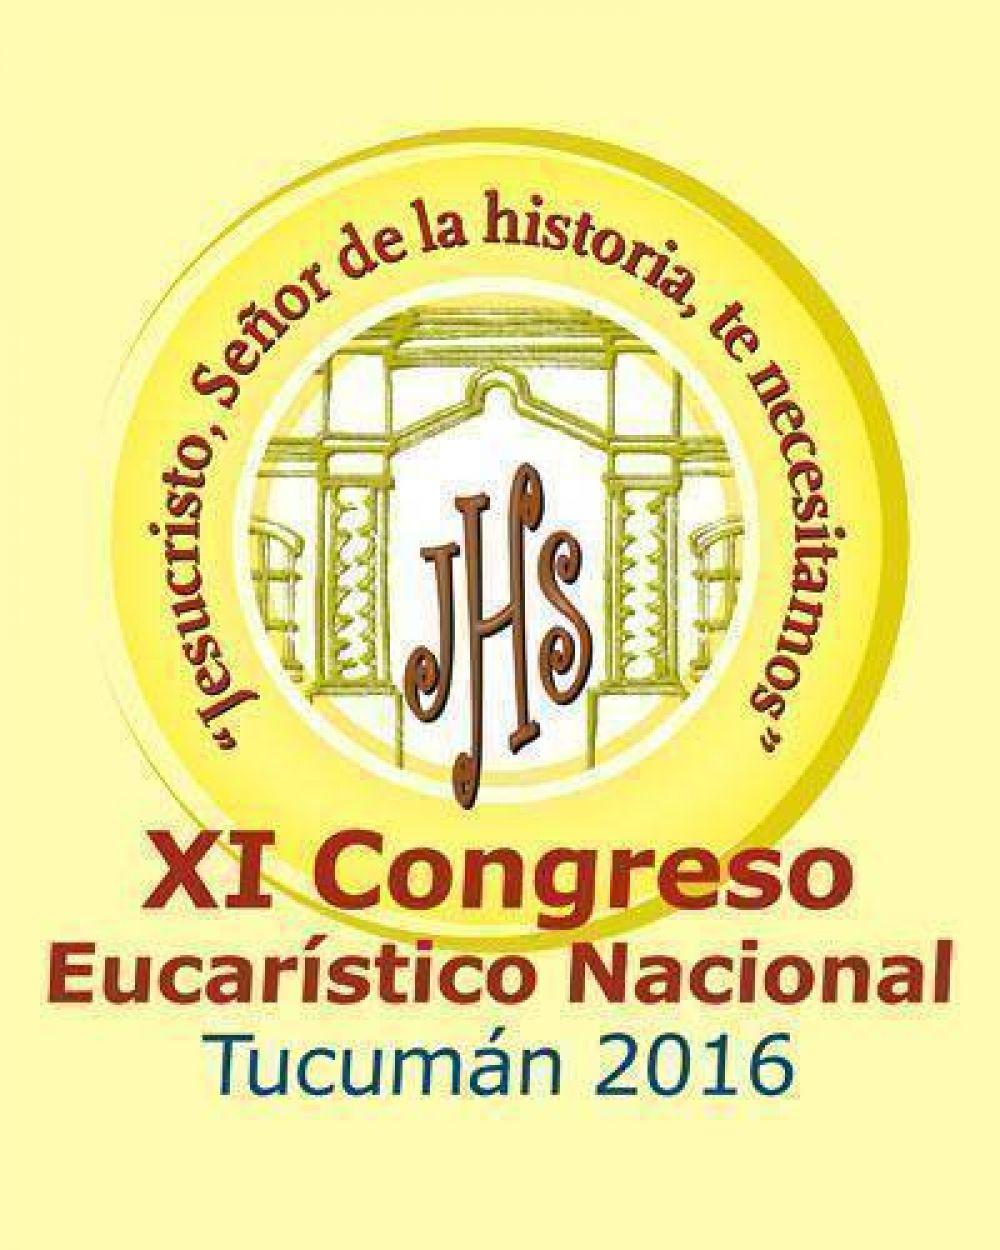 El Episcopado convocó al 11º Congreso Eucarístico Nacional. Será en Tucumán en junio de 2016